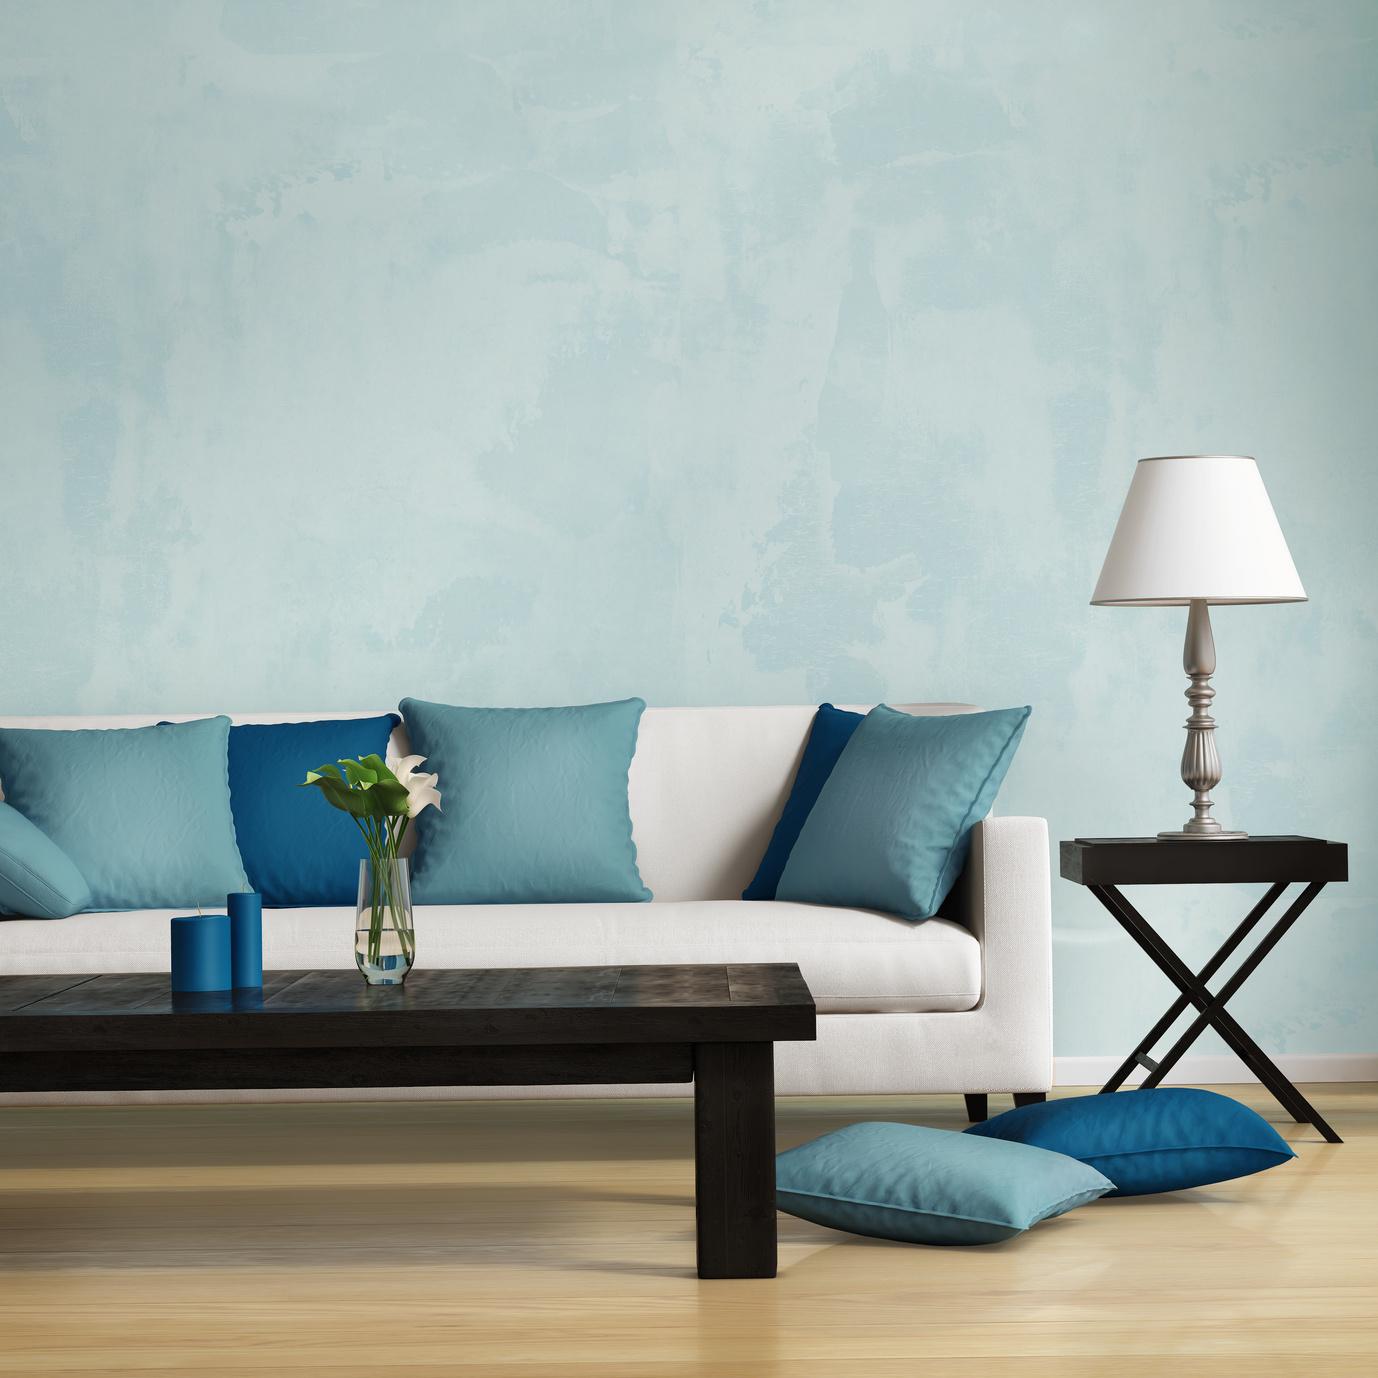 Бежевый пол и синие подушки в гостиной